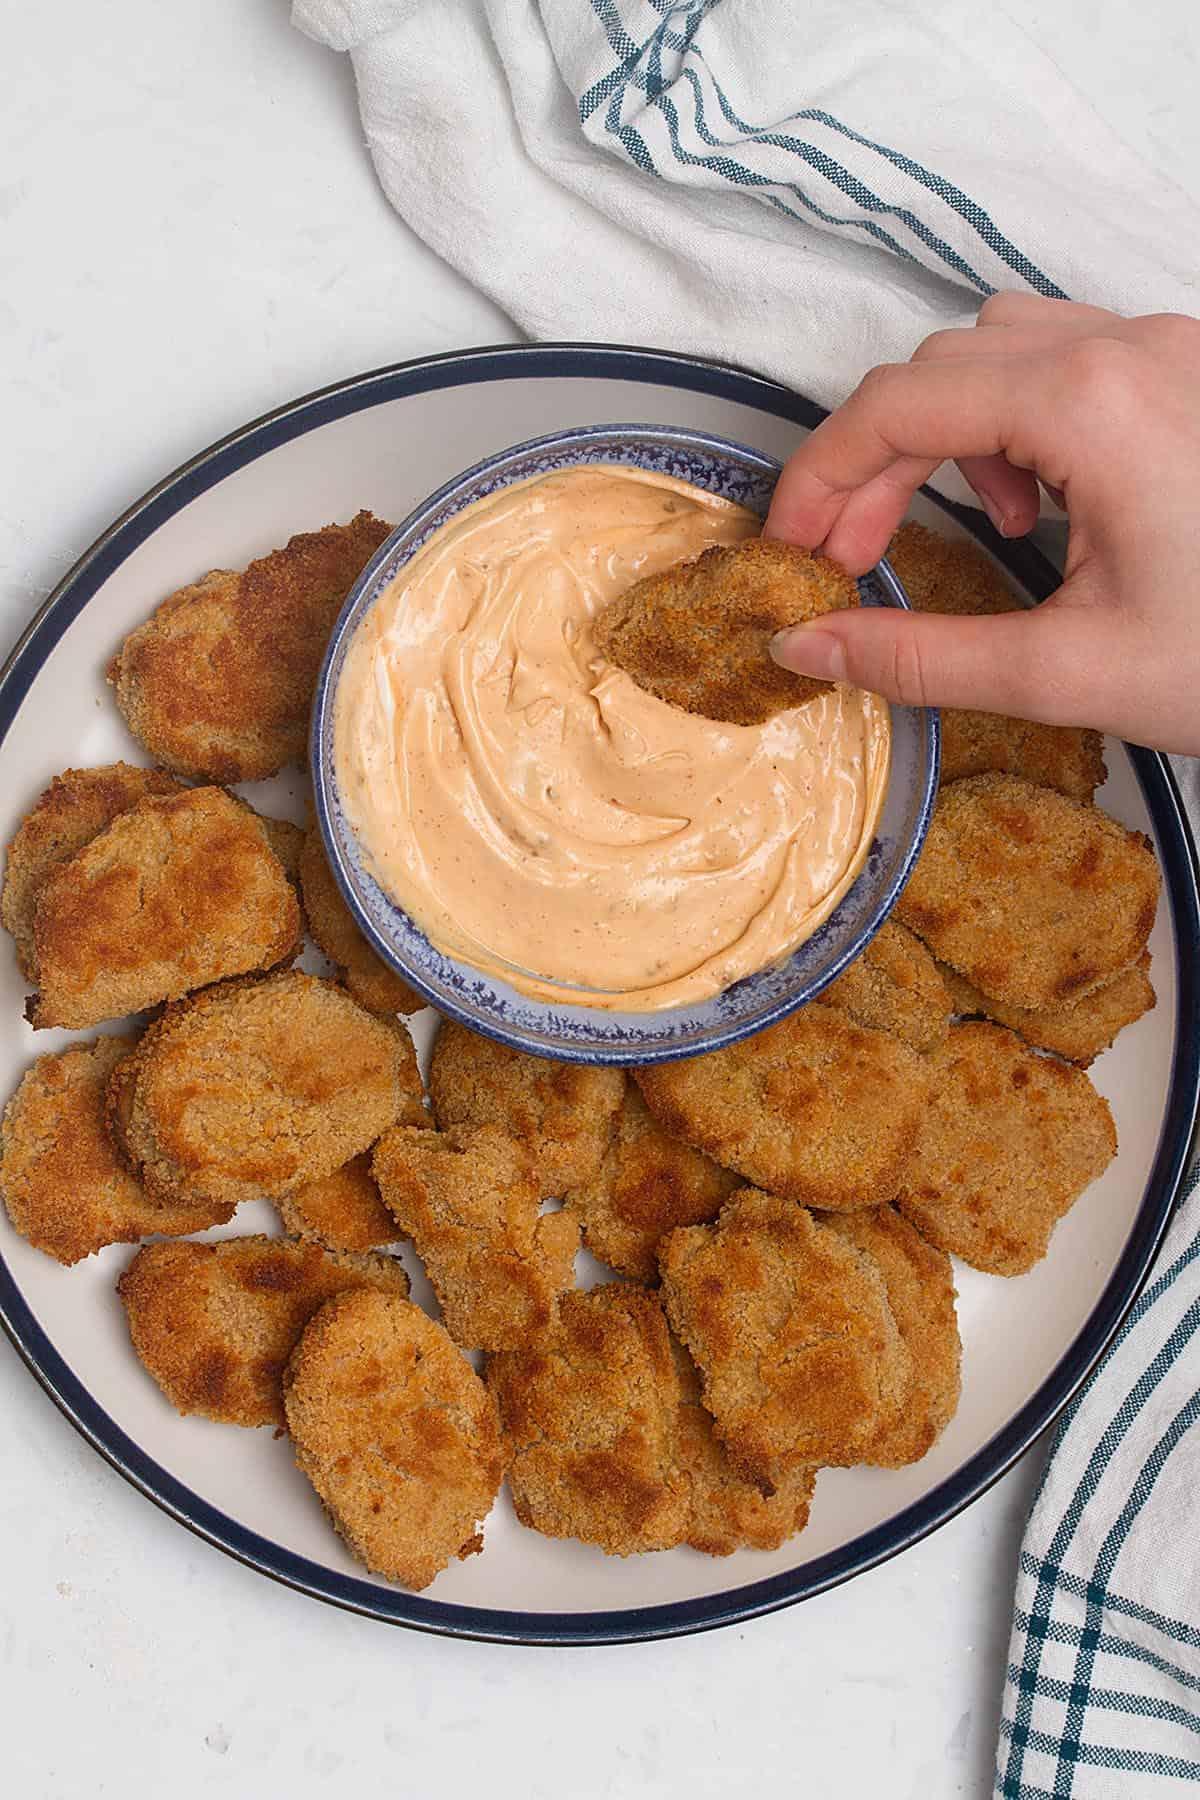 vegan chicken nuggets made from seitan